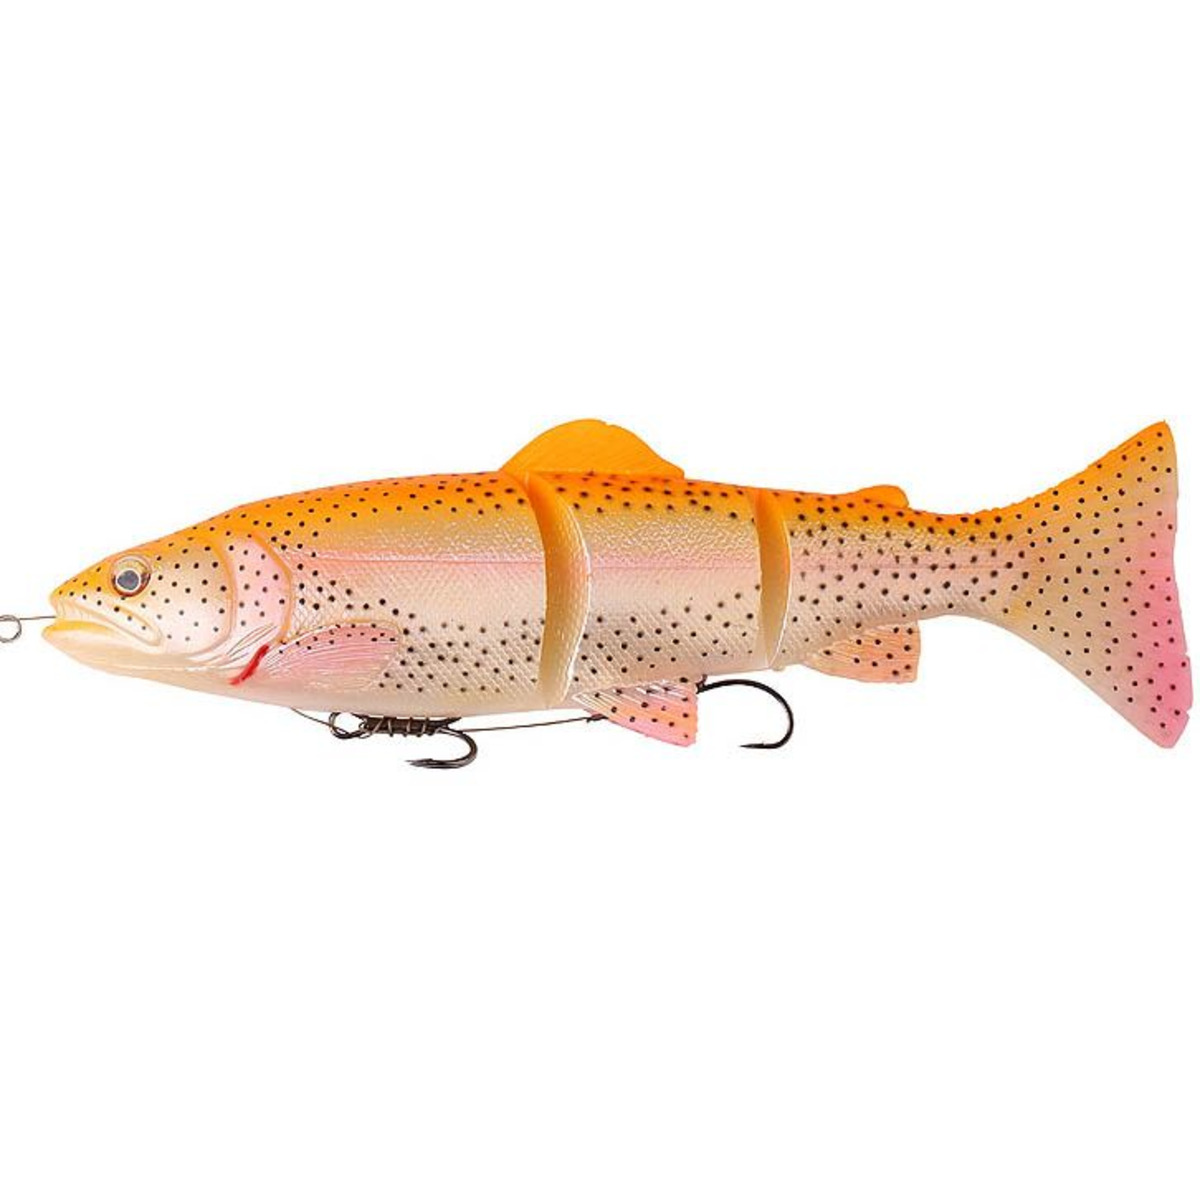 Savage Gear 3D Trout Line Thru - 25 cm - 180 g - Golden Albino